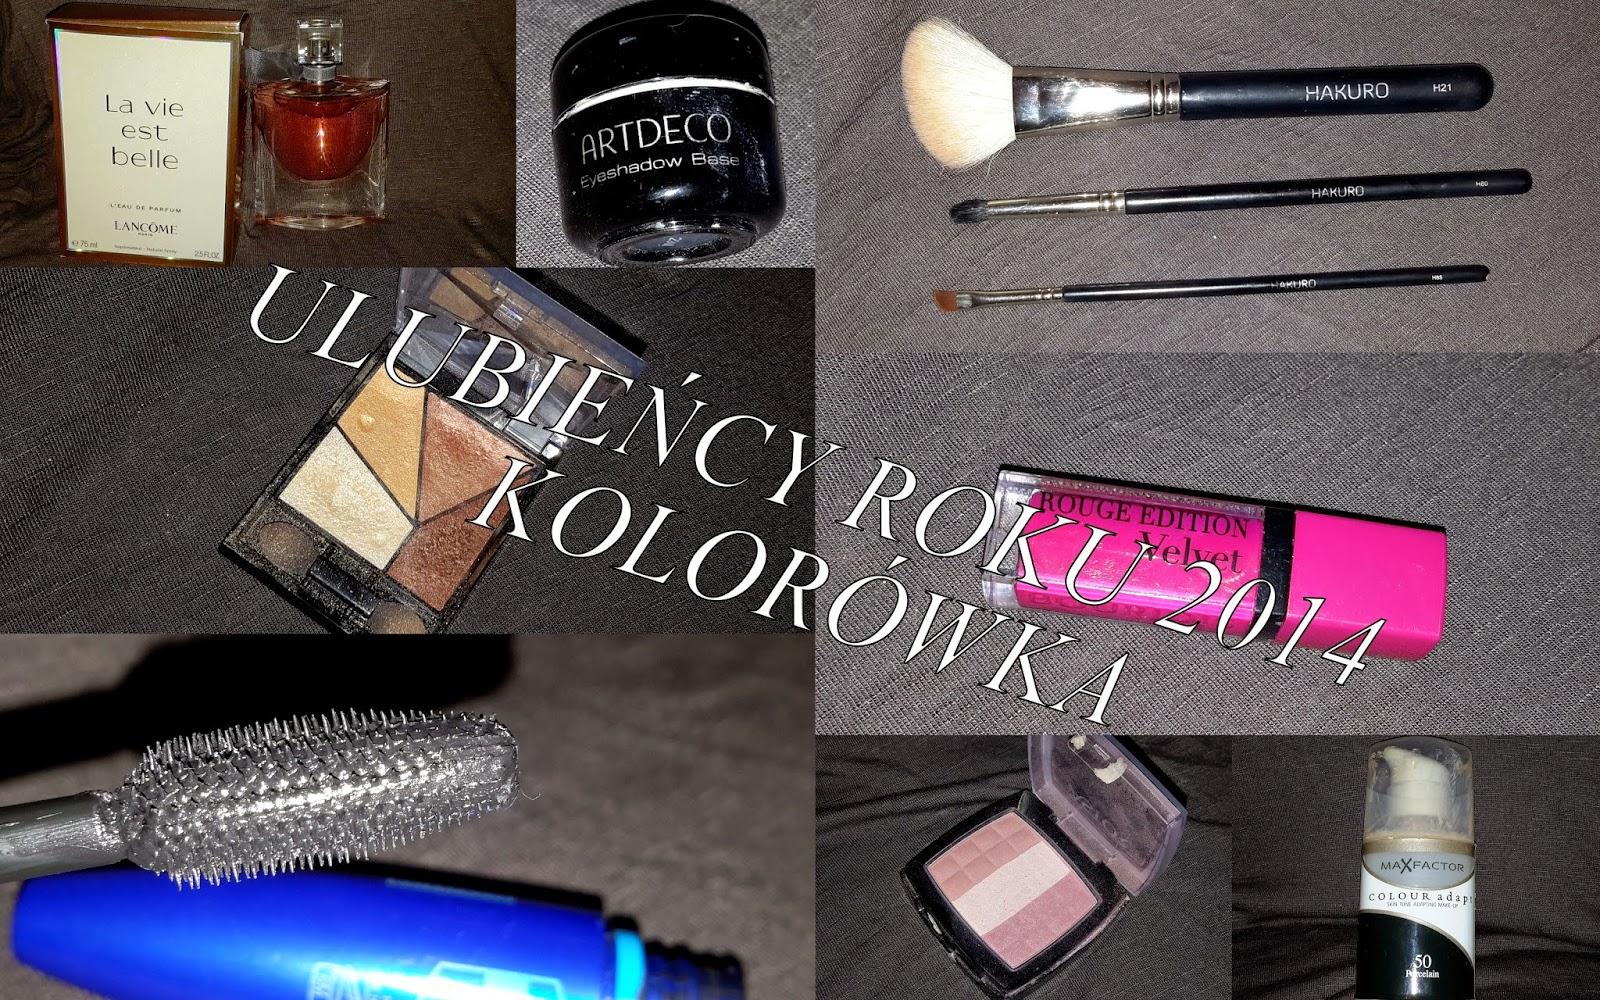 ♥♥ Podsumowanie kosmetyczne 2014! ULUBIEŃCY ROKU! - KOLORÓWKA ♥♥